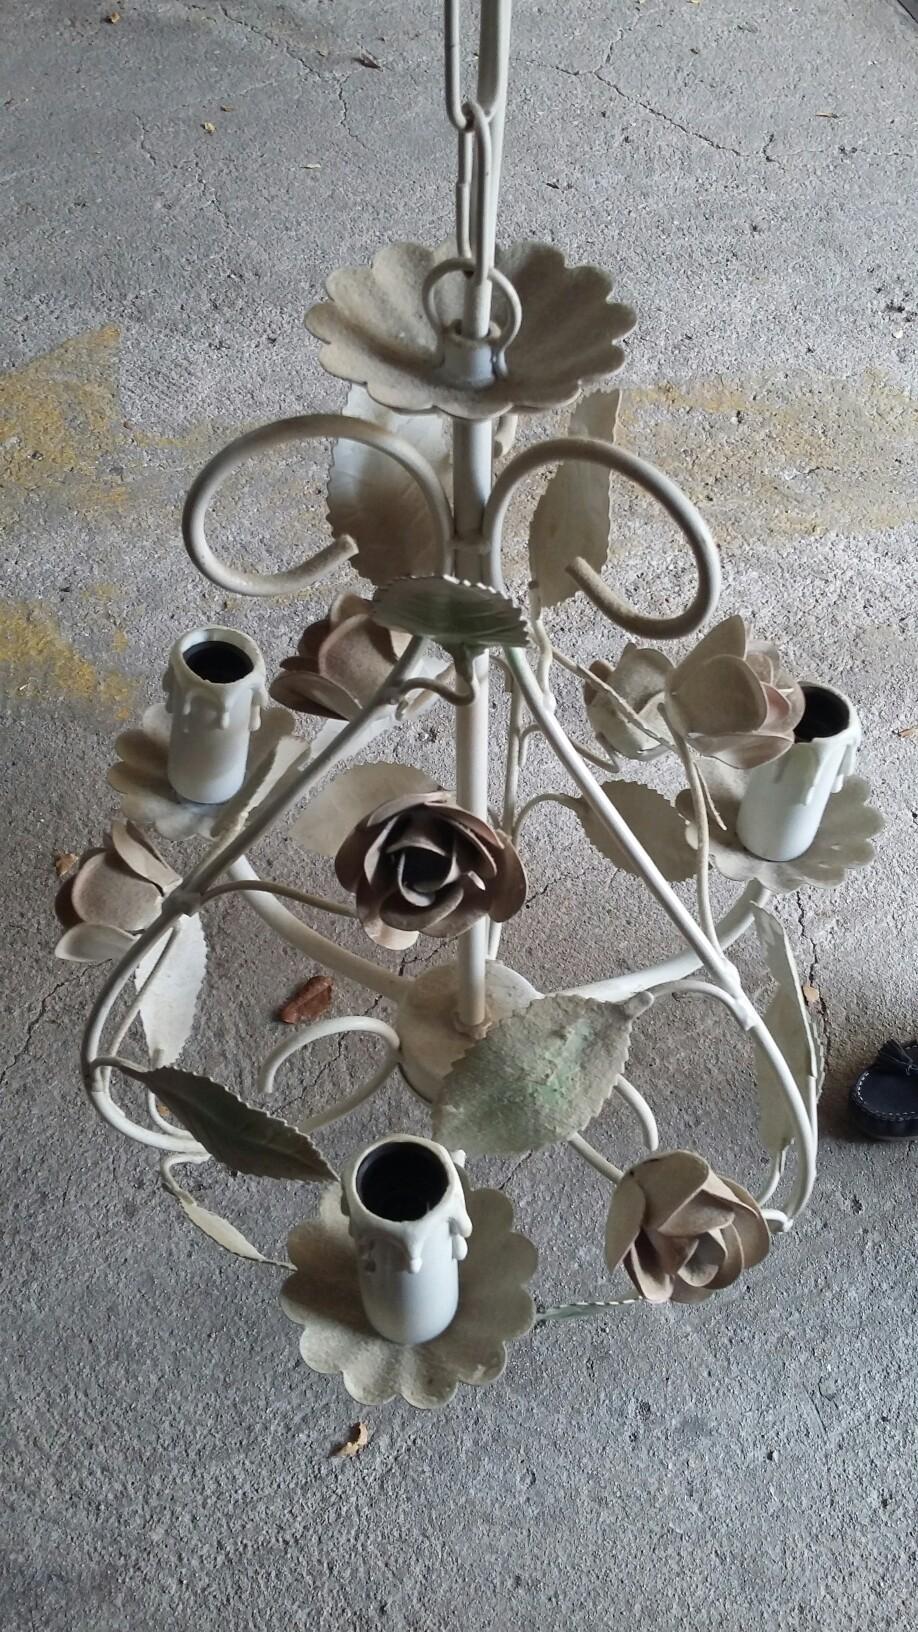 Lustre plusieurs lampes motifs fleurs me contacrsr au 06 34 44 93 57 Décoration